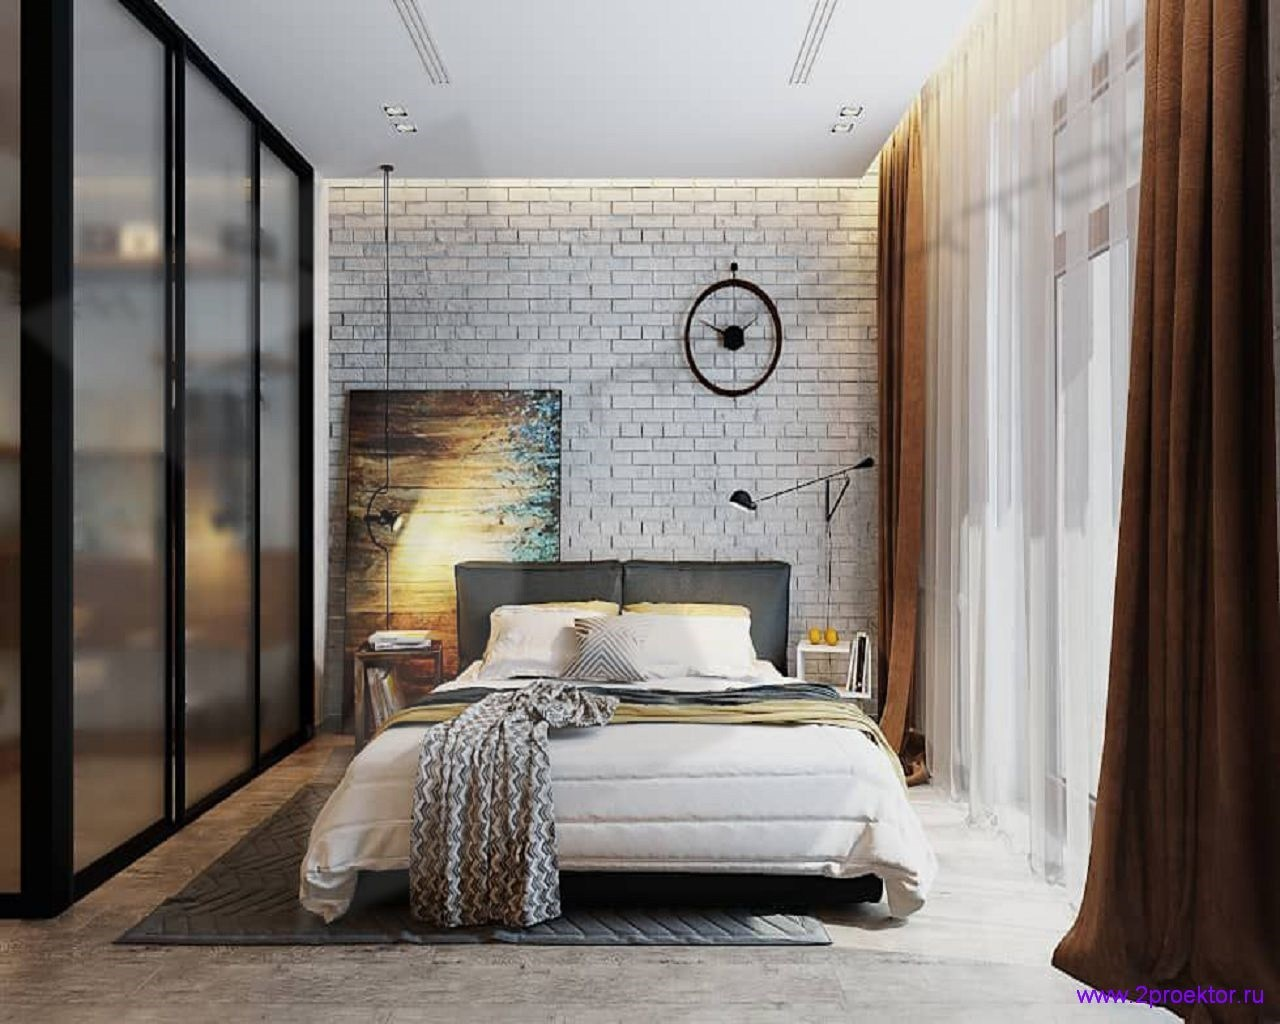 Дизайн спальни в стиле лофт в Жилом комплексе Лесопарковый.